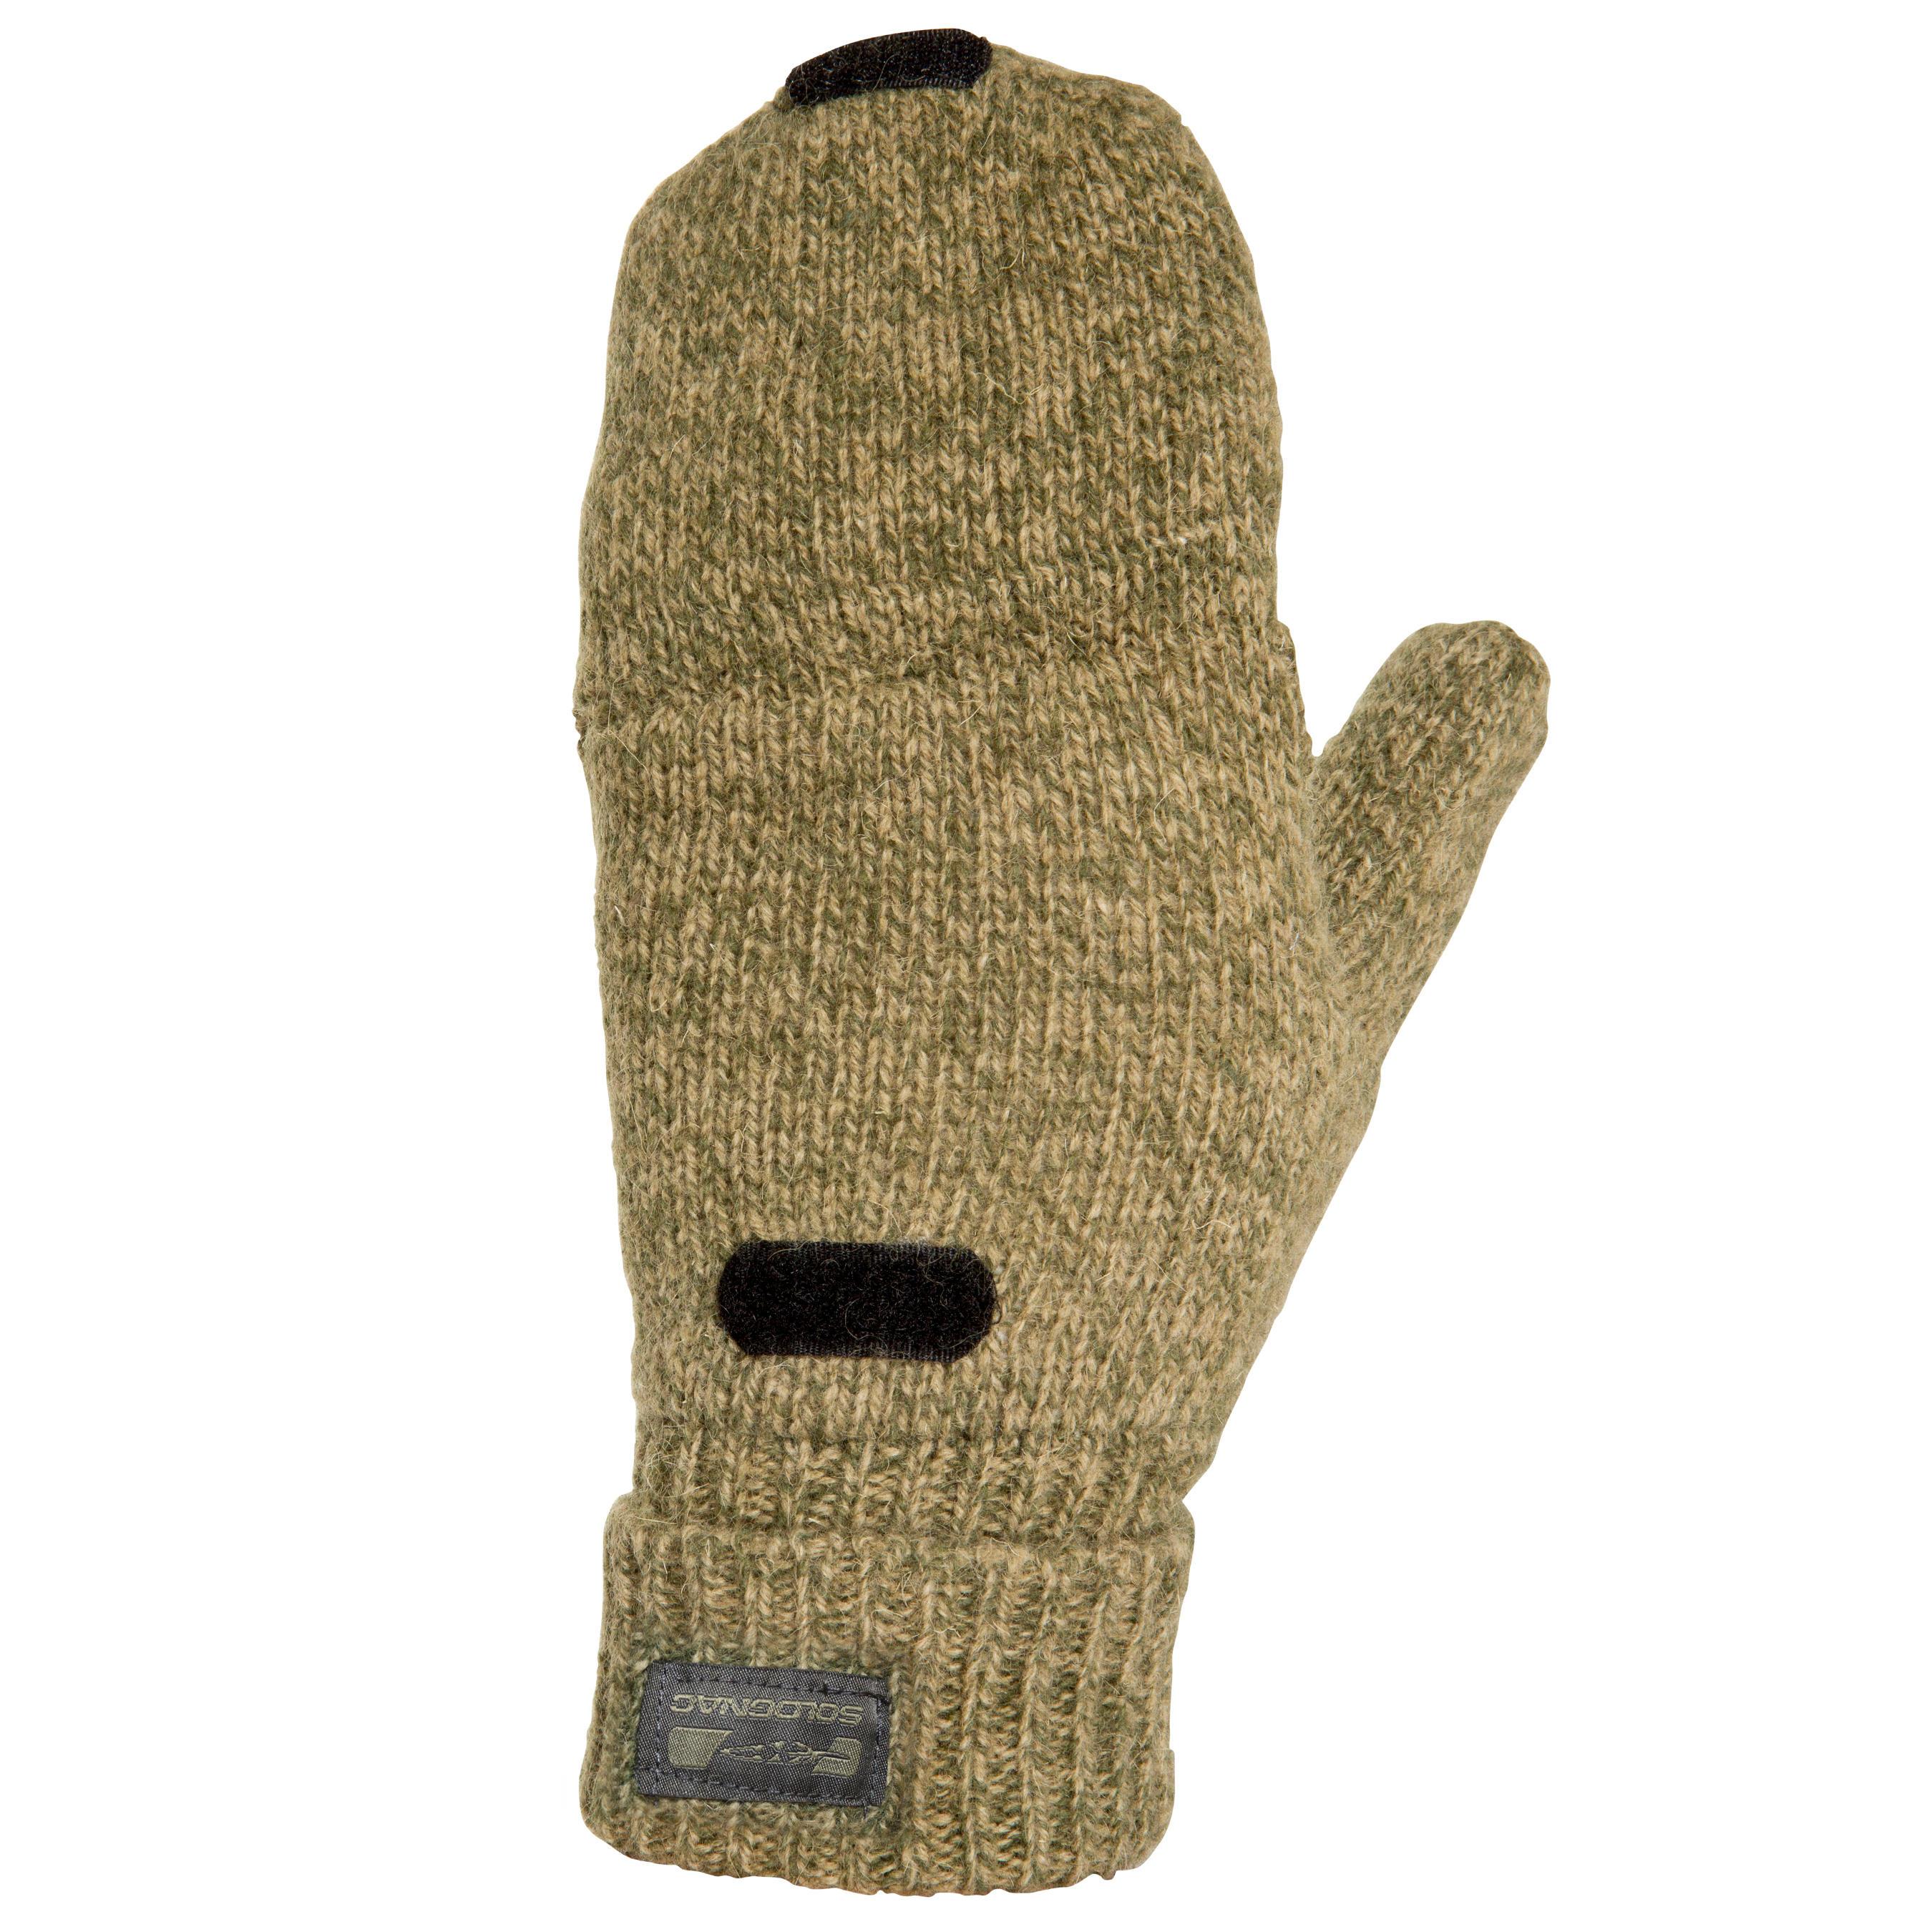 Jagd- Wollhandschuhe 100 braun | Accessoires > Handschuhe > Wollhandschuhe | Braun | Solognac